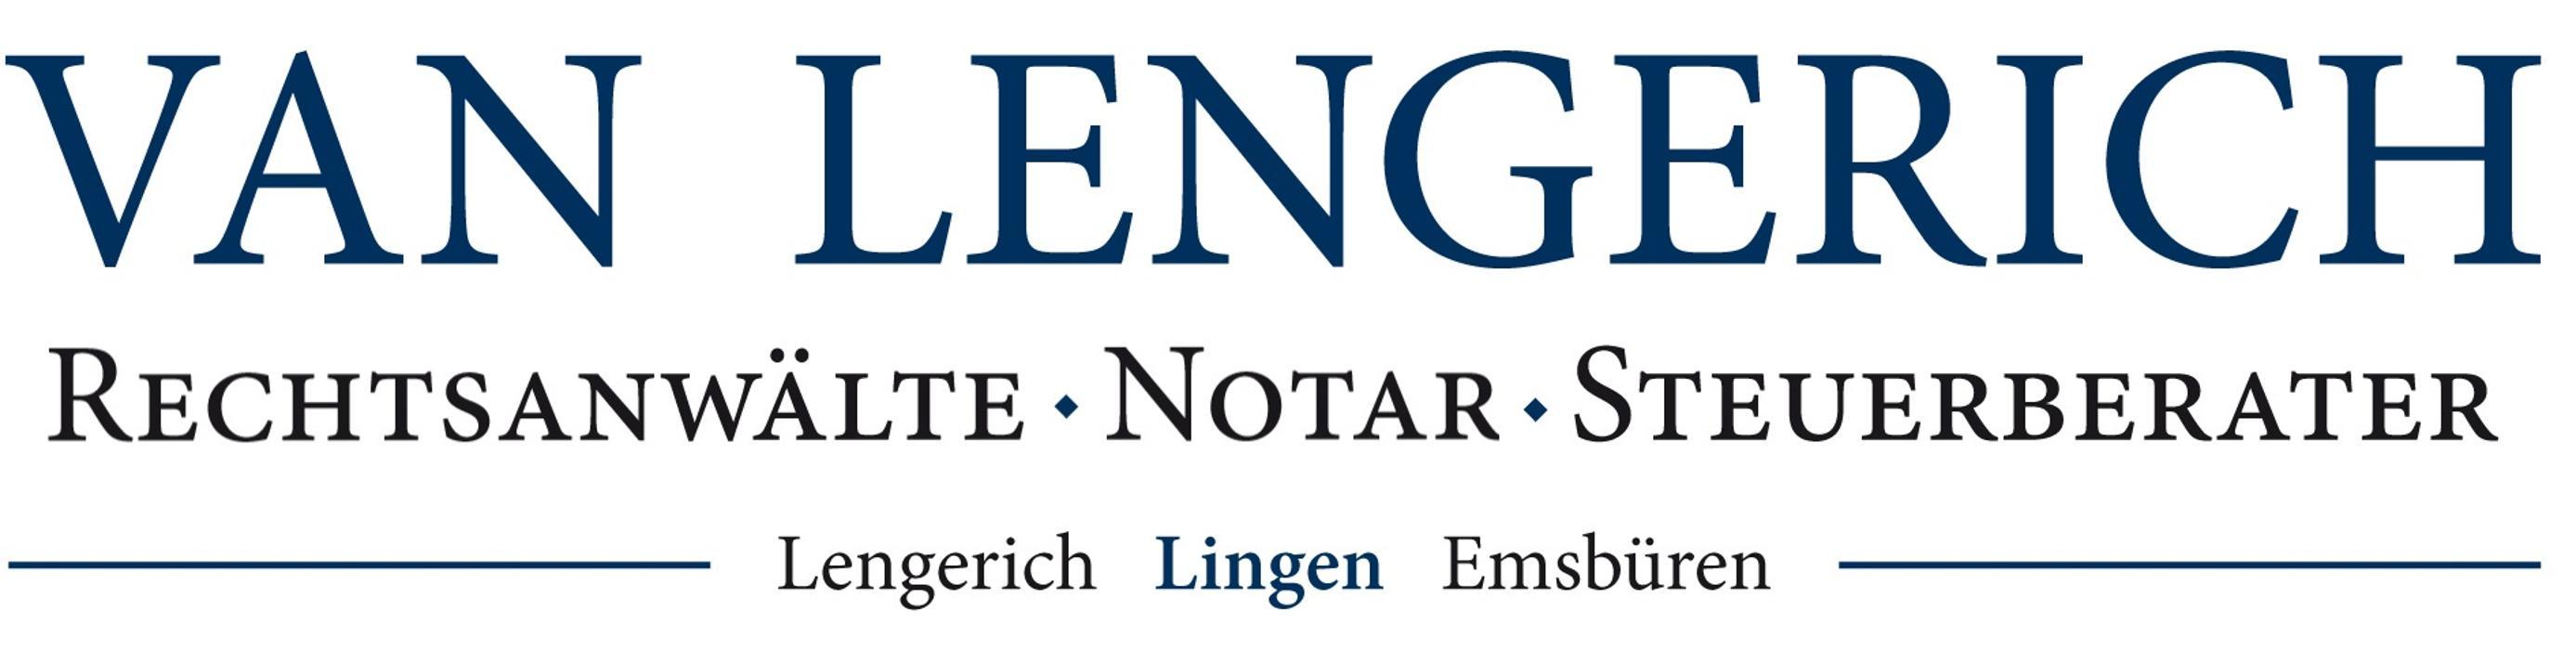 Bild zu VAN LENGERICH Rechtsanwälte Notar Steuerberater in Lingen an der Ems